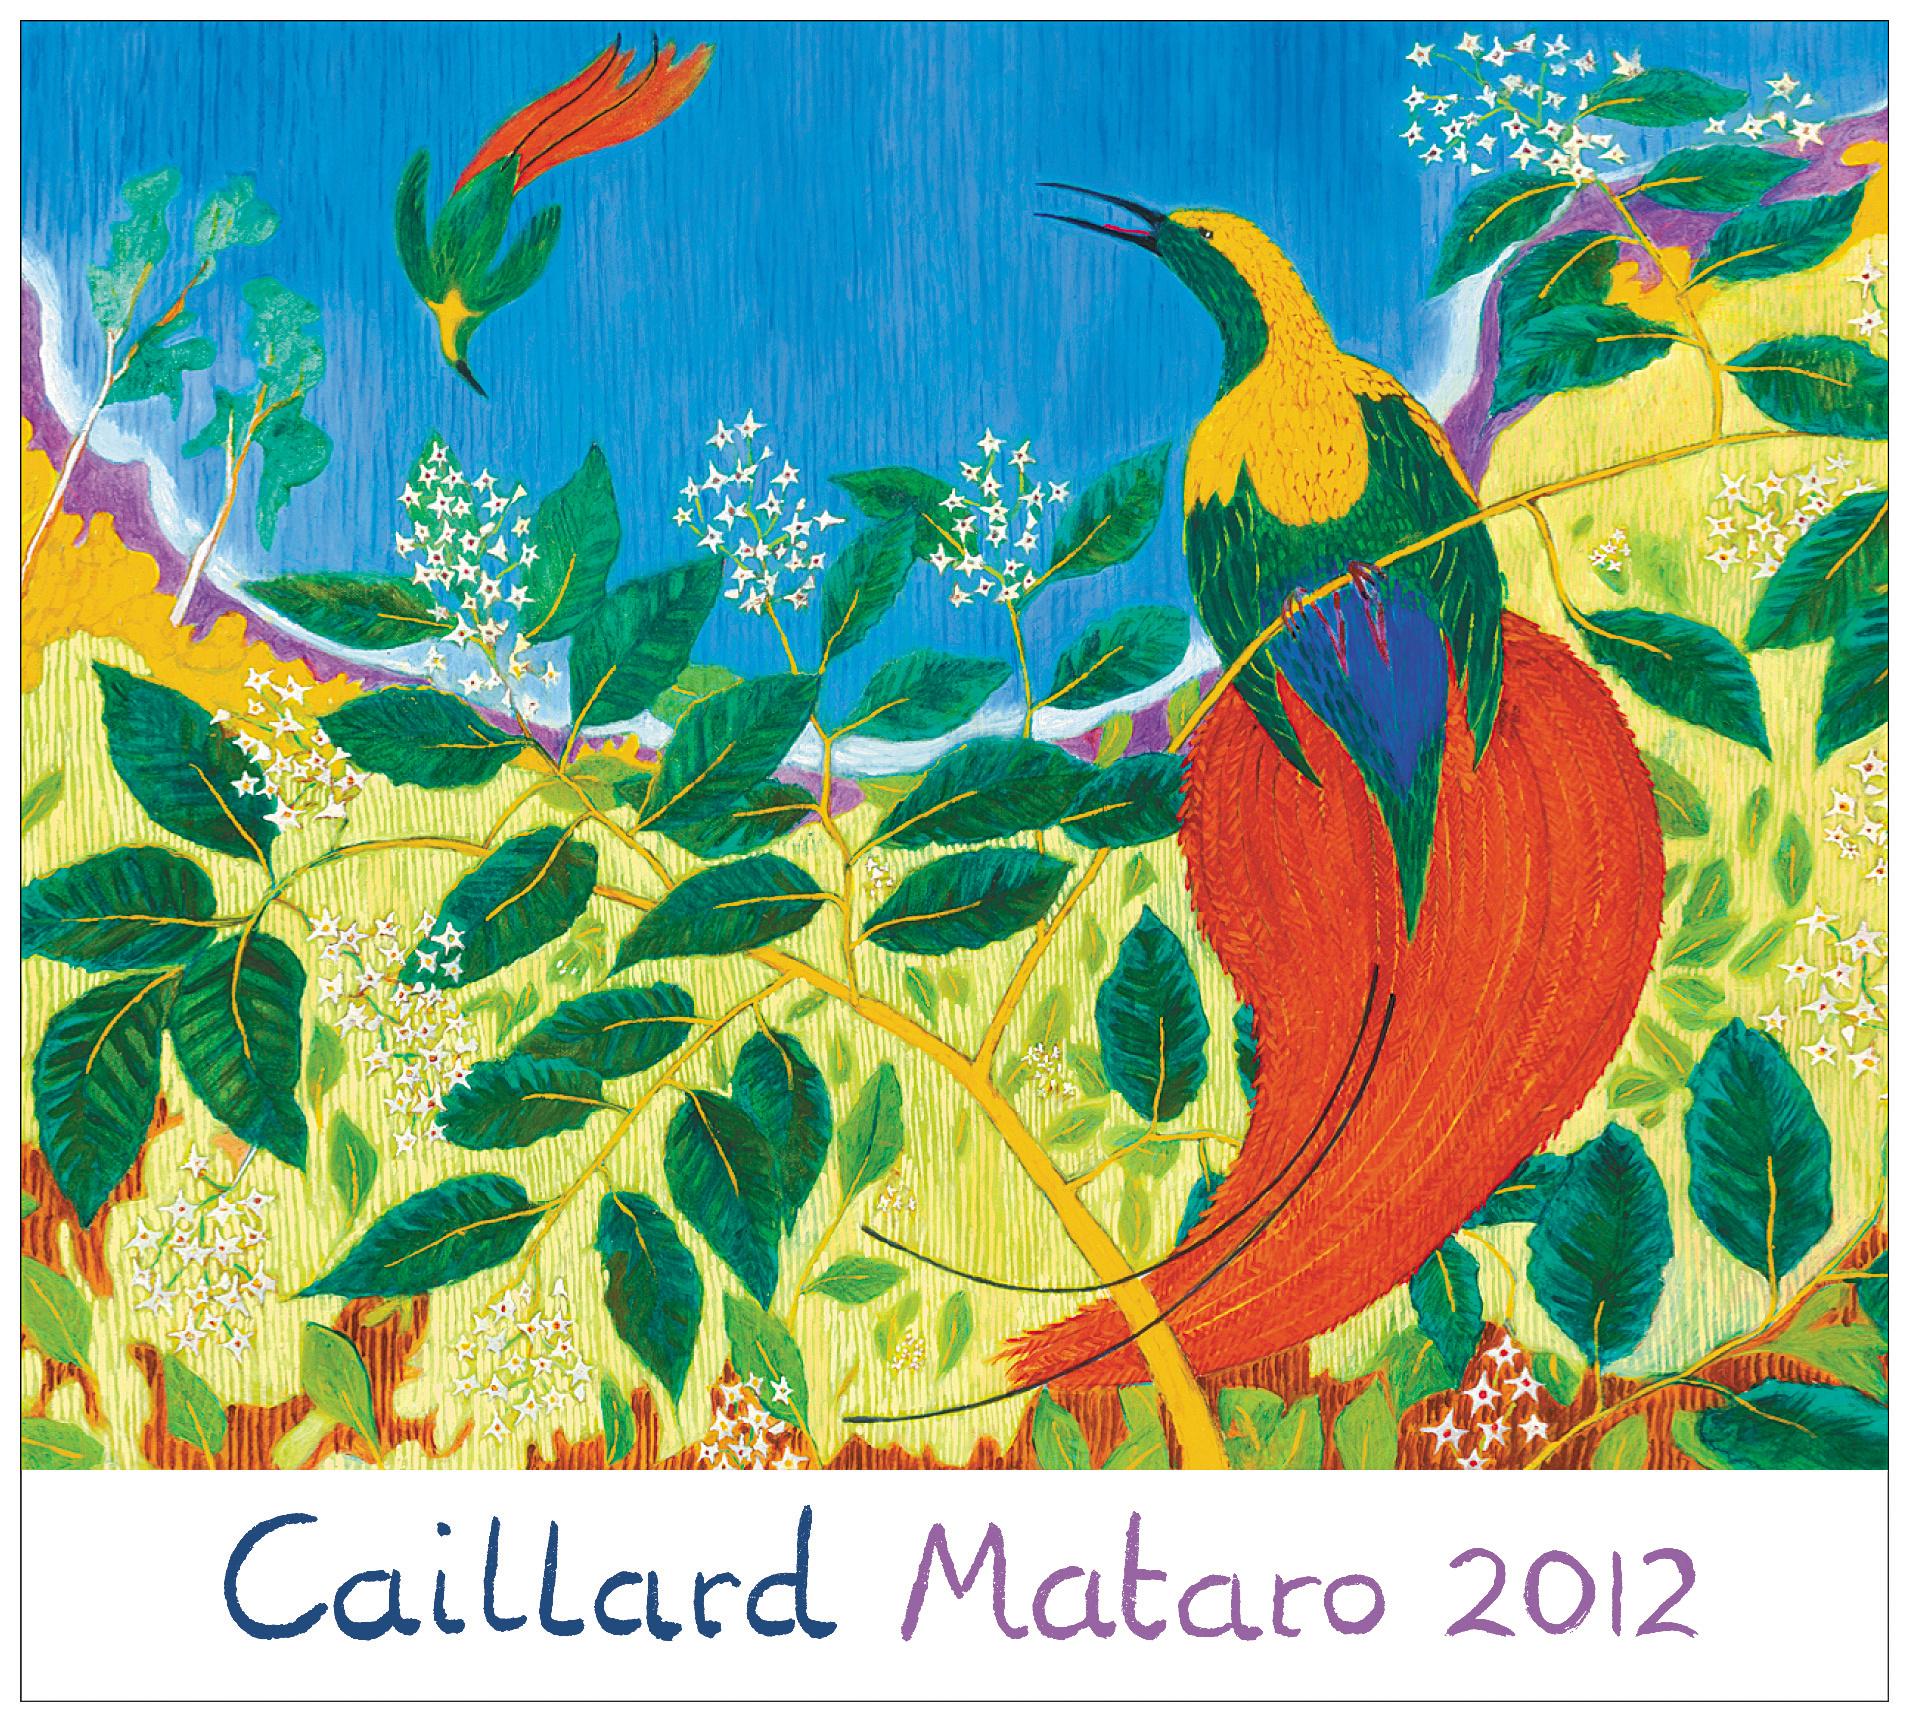 Caillard Mataro 2012